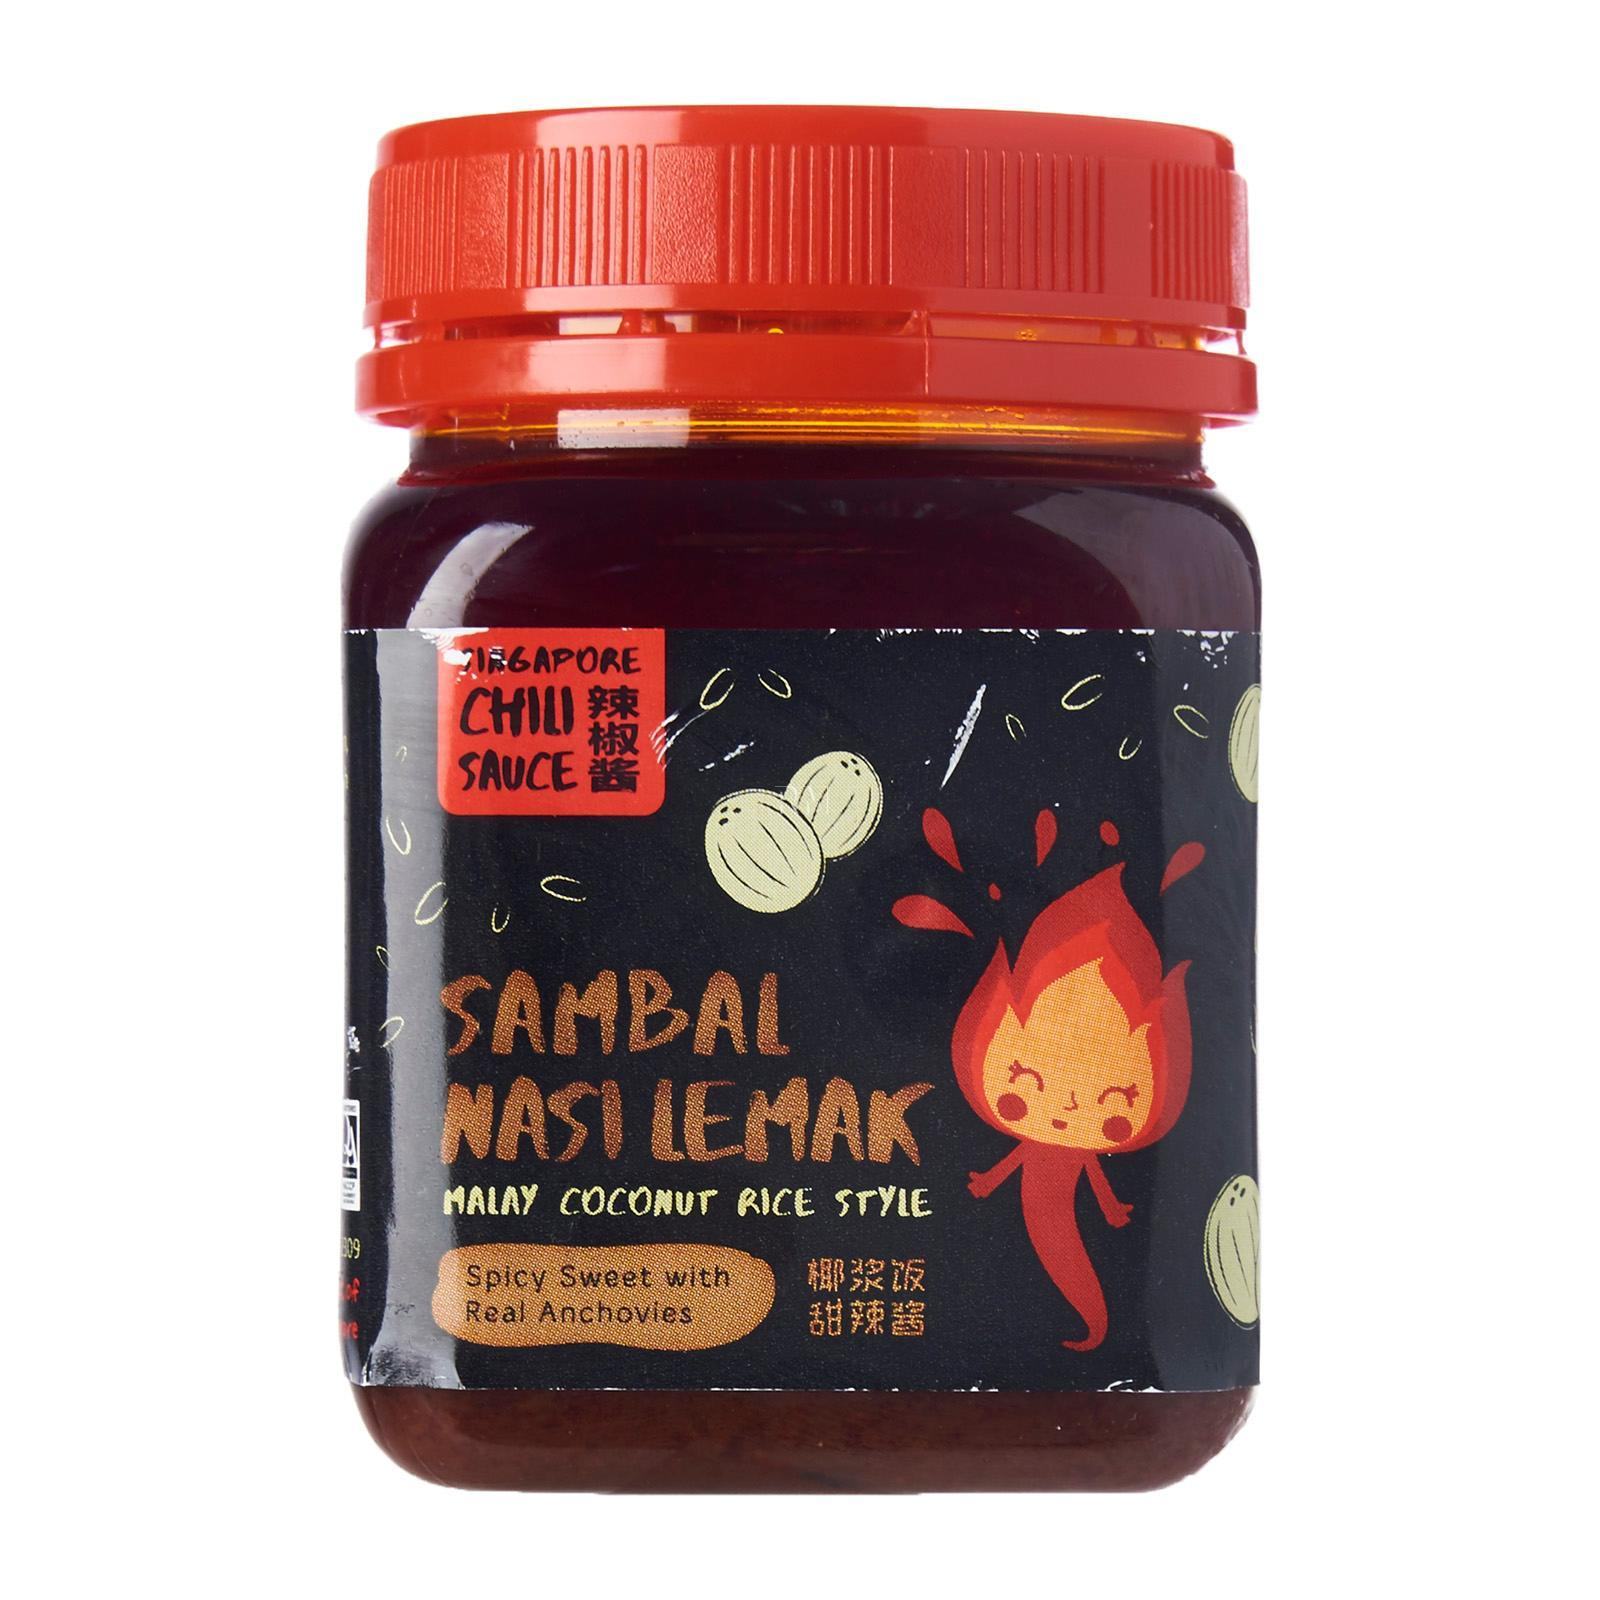 Top Gourmet Sambal Nasi Lemak Chilli Sauce